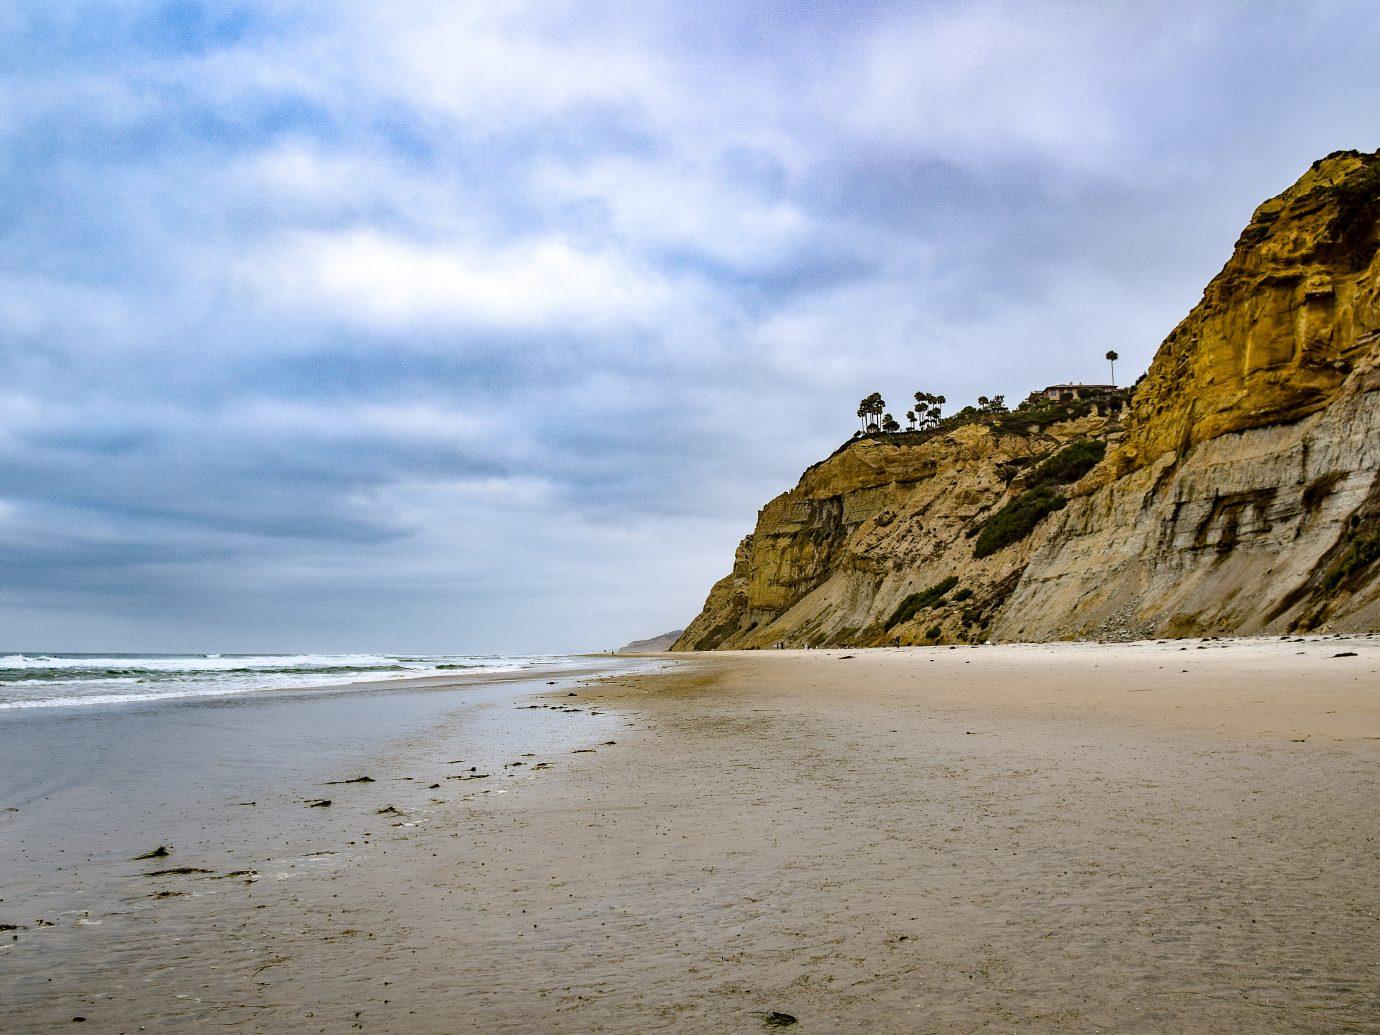 cliffs at Black's Beach in San Diego